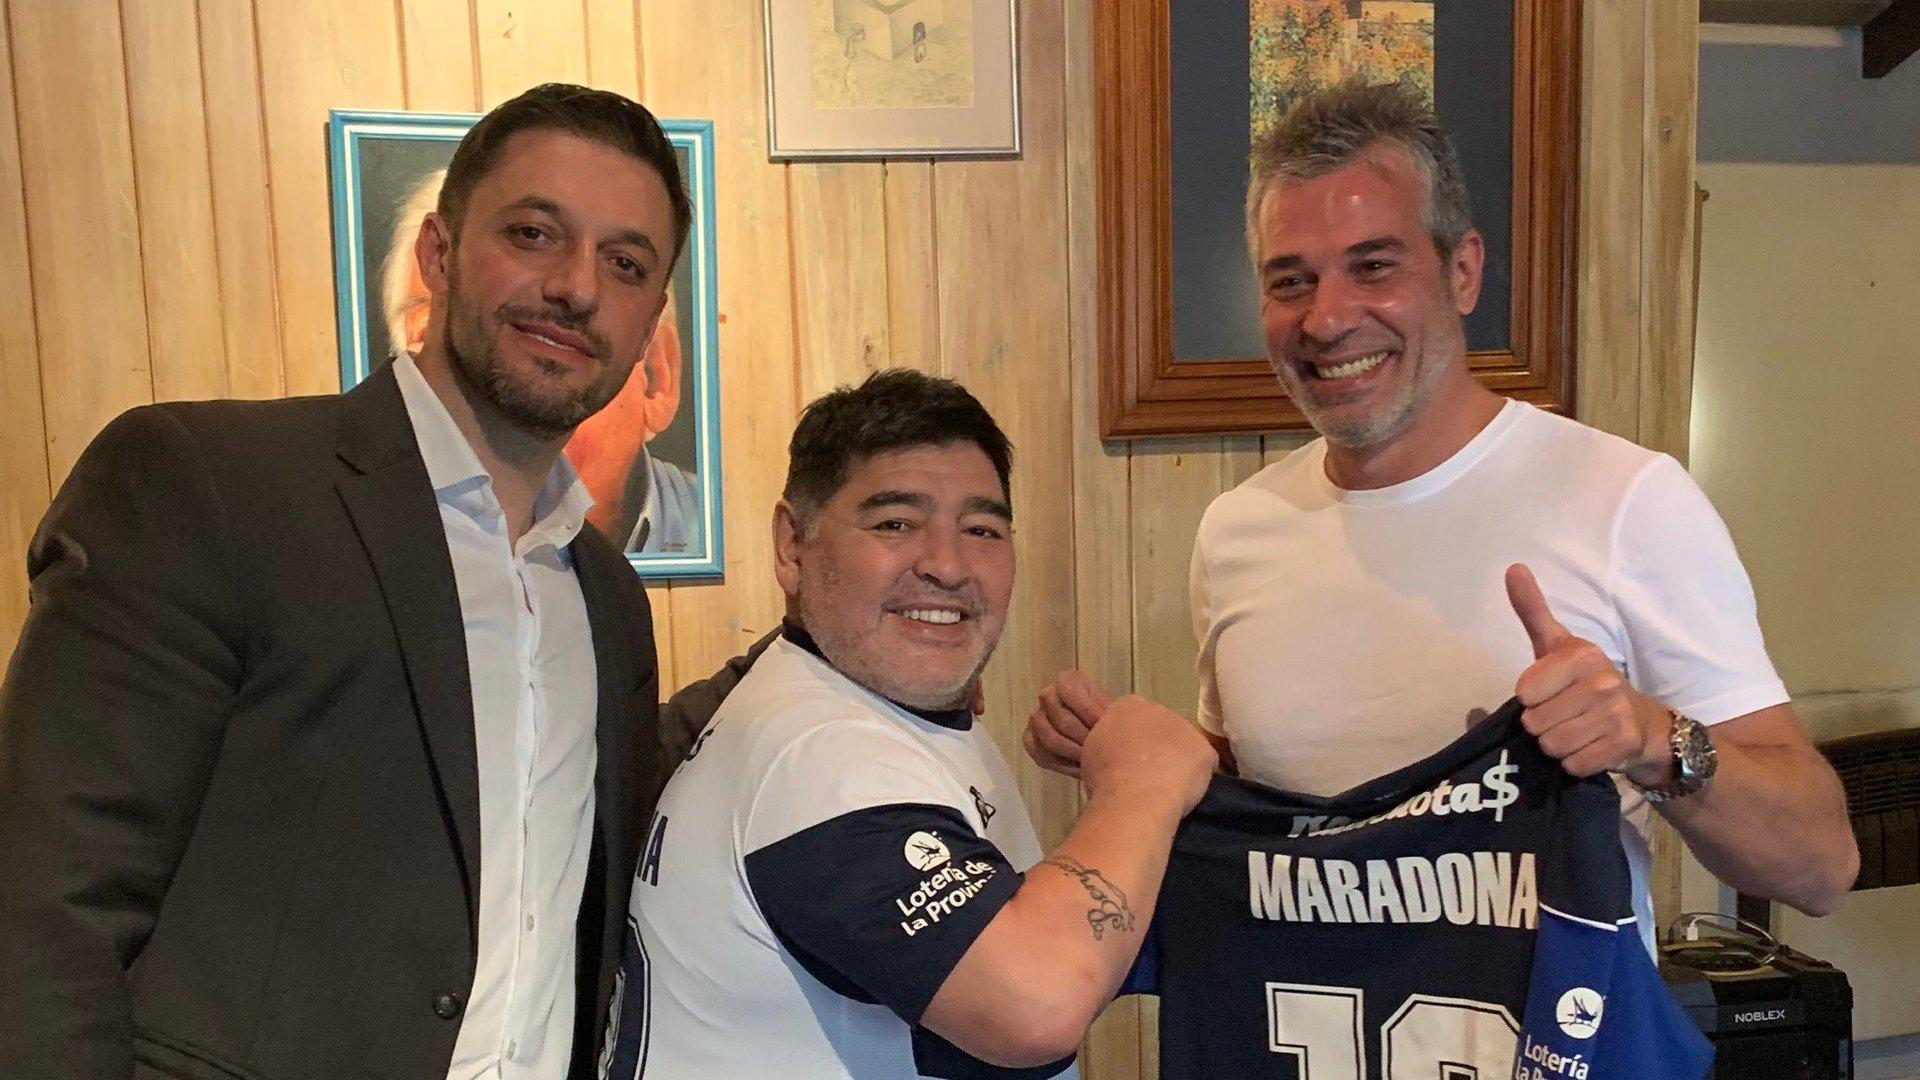 La surprenante anecdote de Maradona sur Messi — Argentine